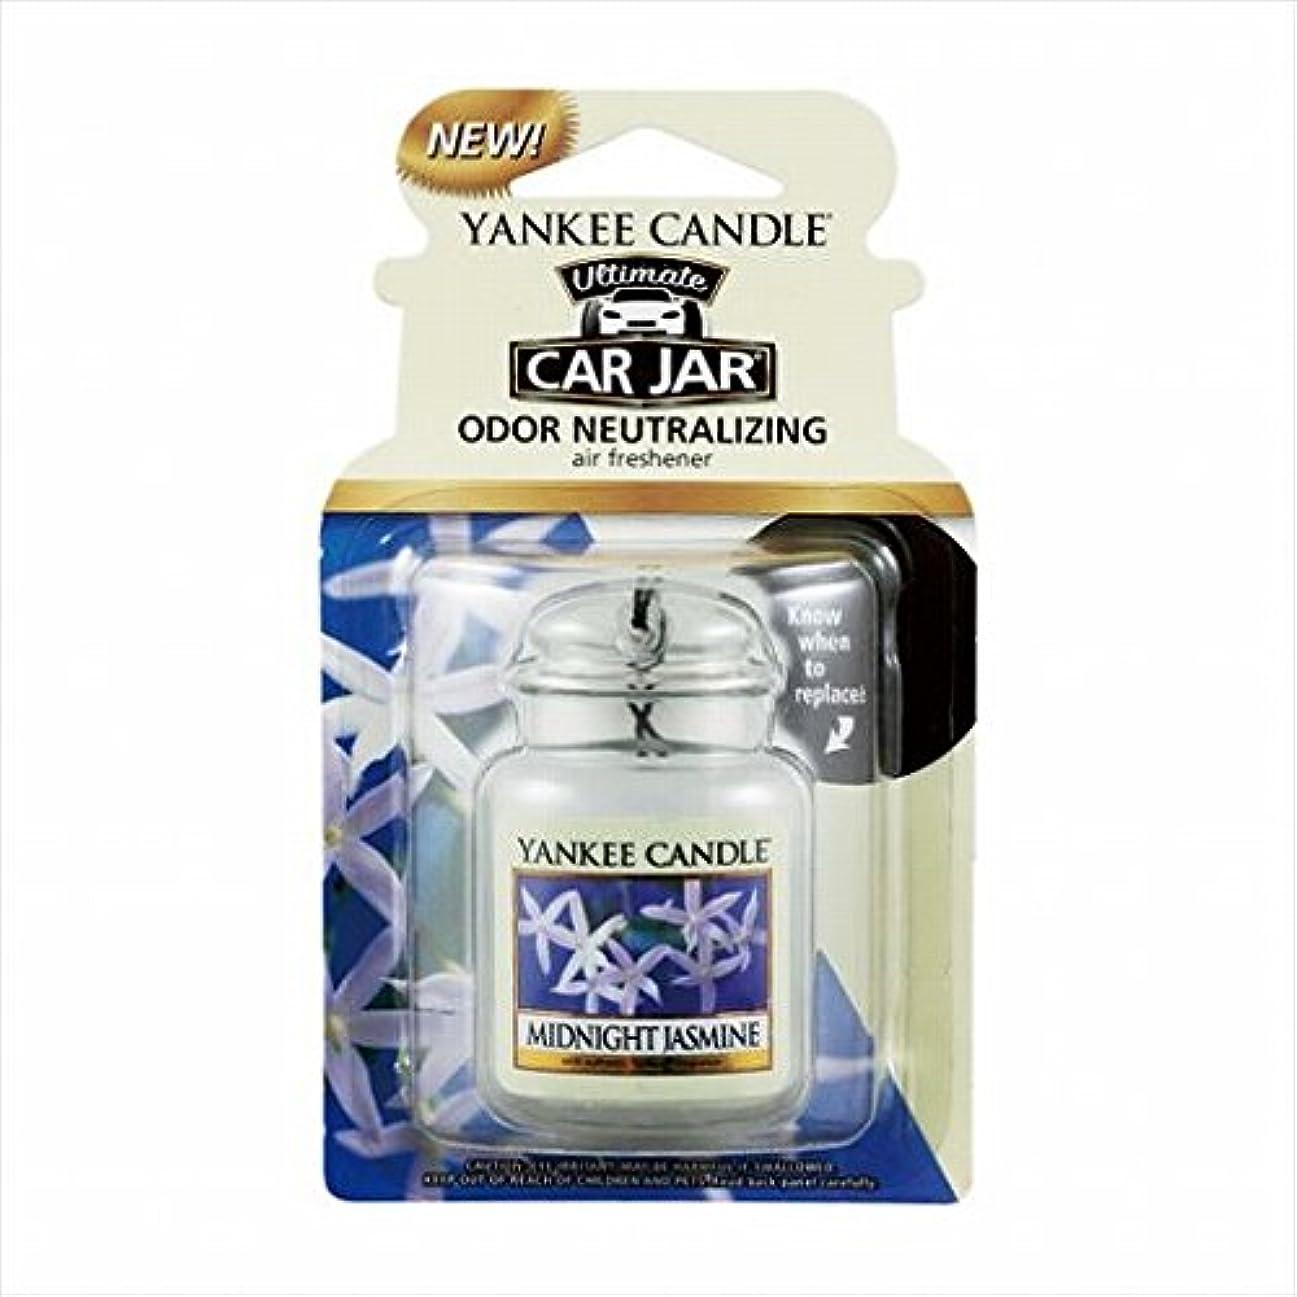 知る血色の良いオリエンテーションカメヤマキャンドル( kameyama candle ) YANKEE CANDLE ネオカージャー 「 ミッドナイトジャスミン 」